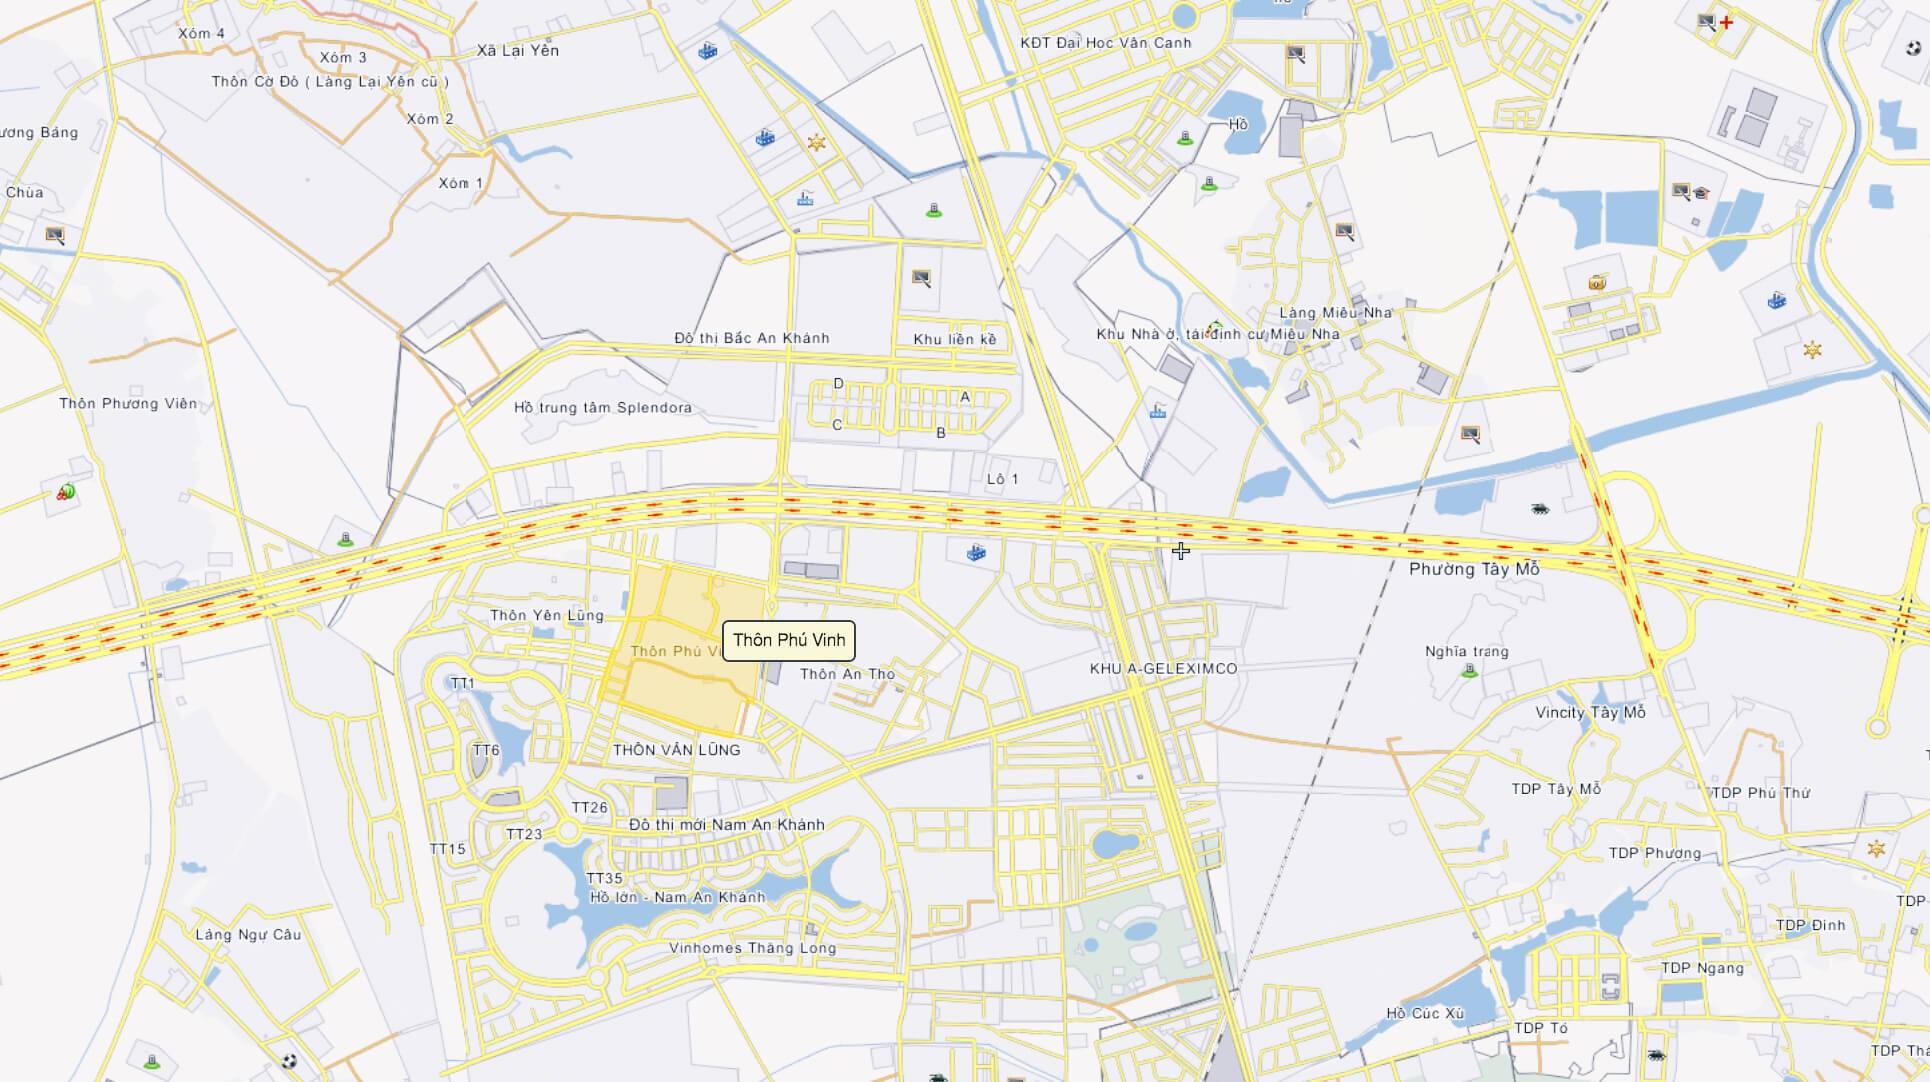 Vị trí của đất dịch vụ Phú Vinh